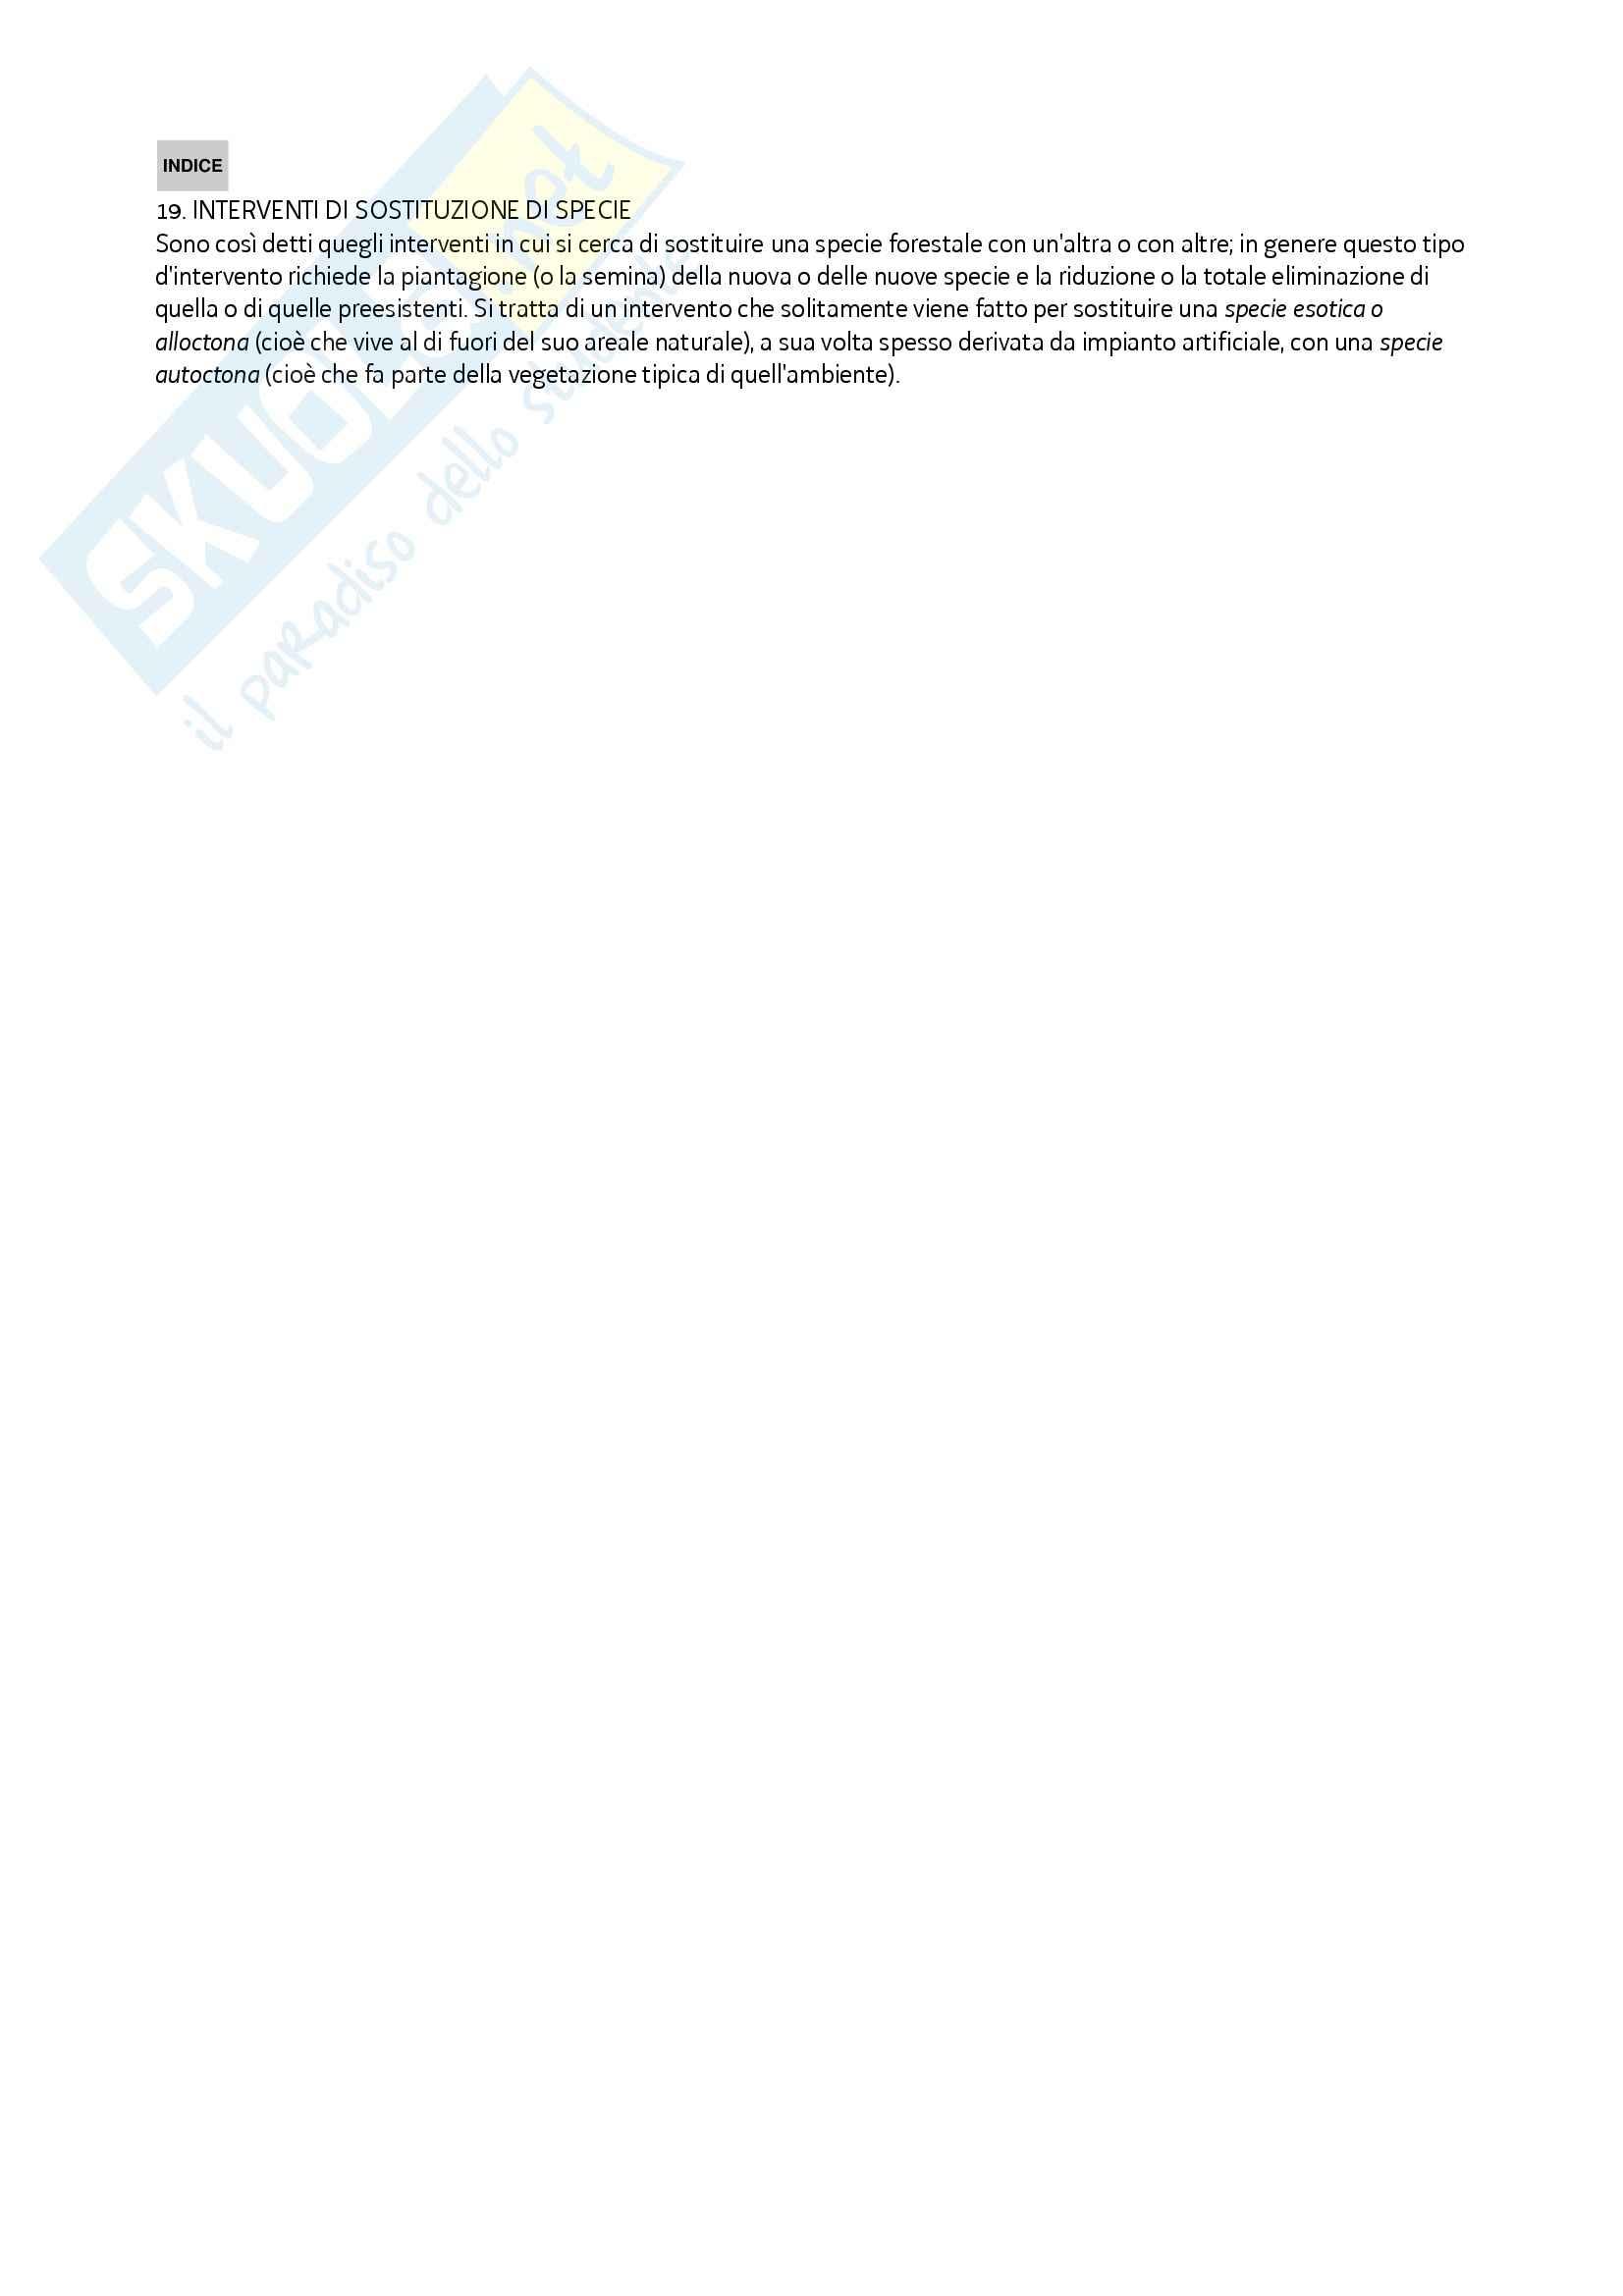 Selvicoltura speciale - Il dizionario forestale Pag. 21